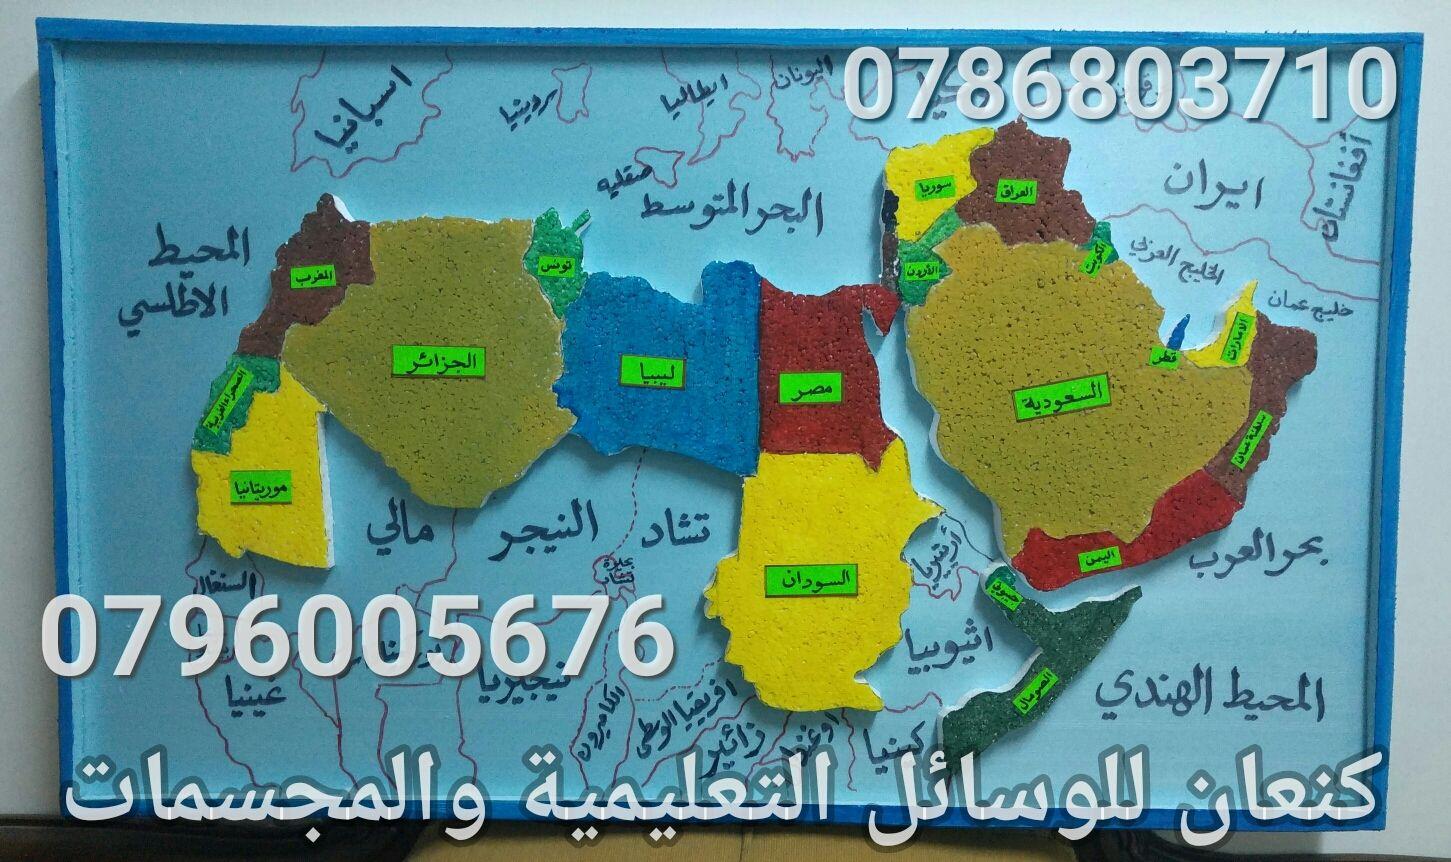 لوحة الوطن العربي كنعان للوسائل التعليمية 0796005676 Gaming Logos Education Logos